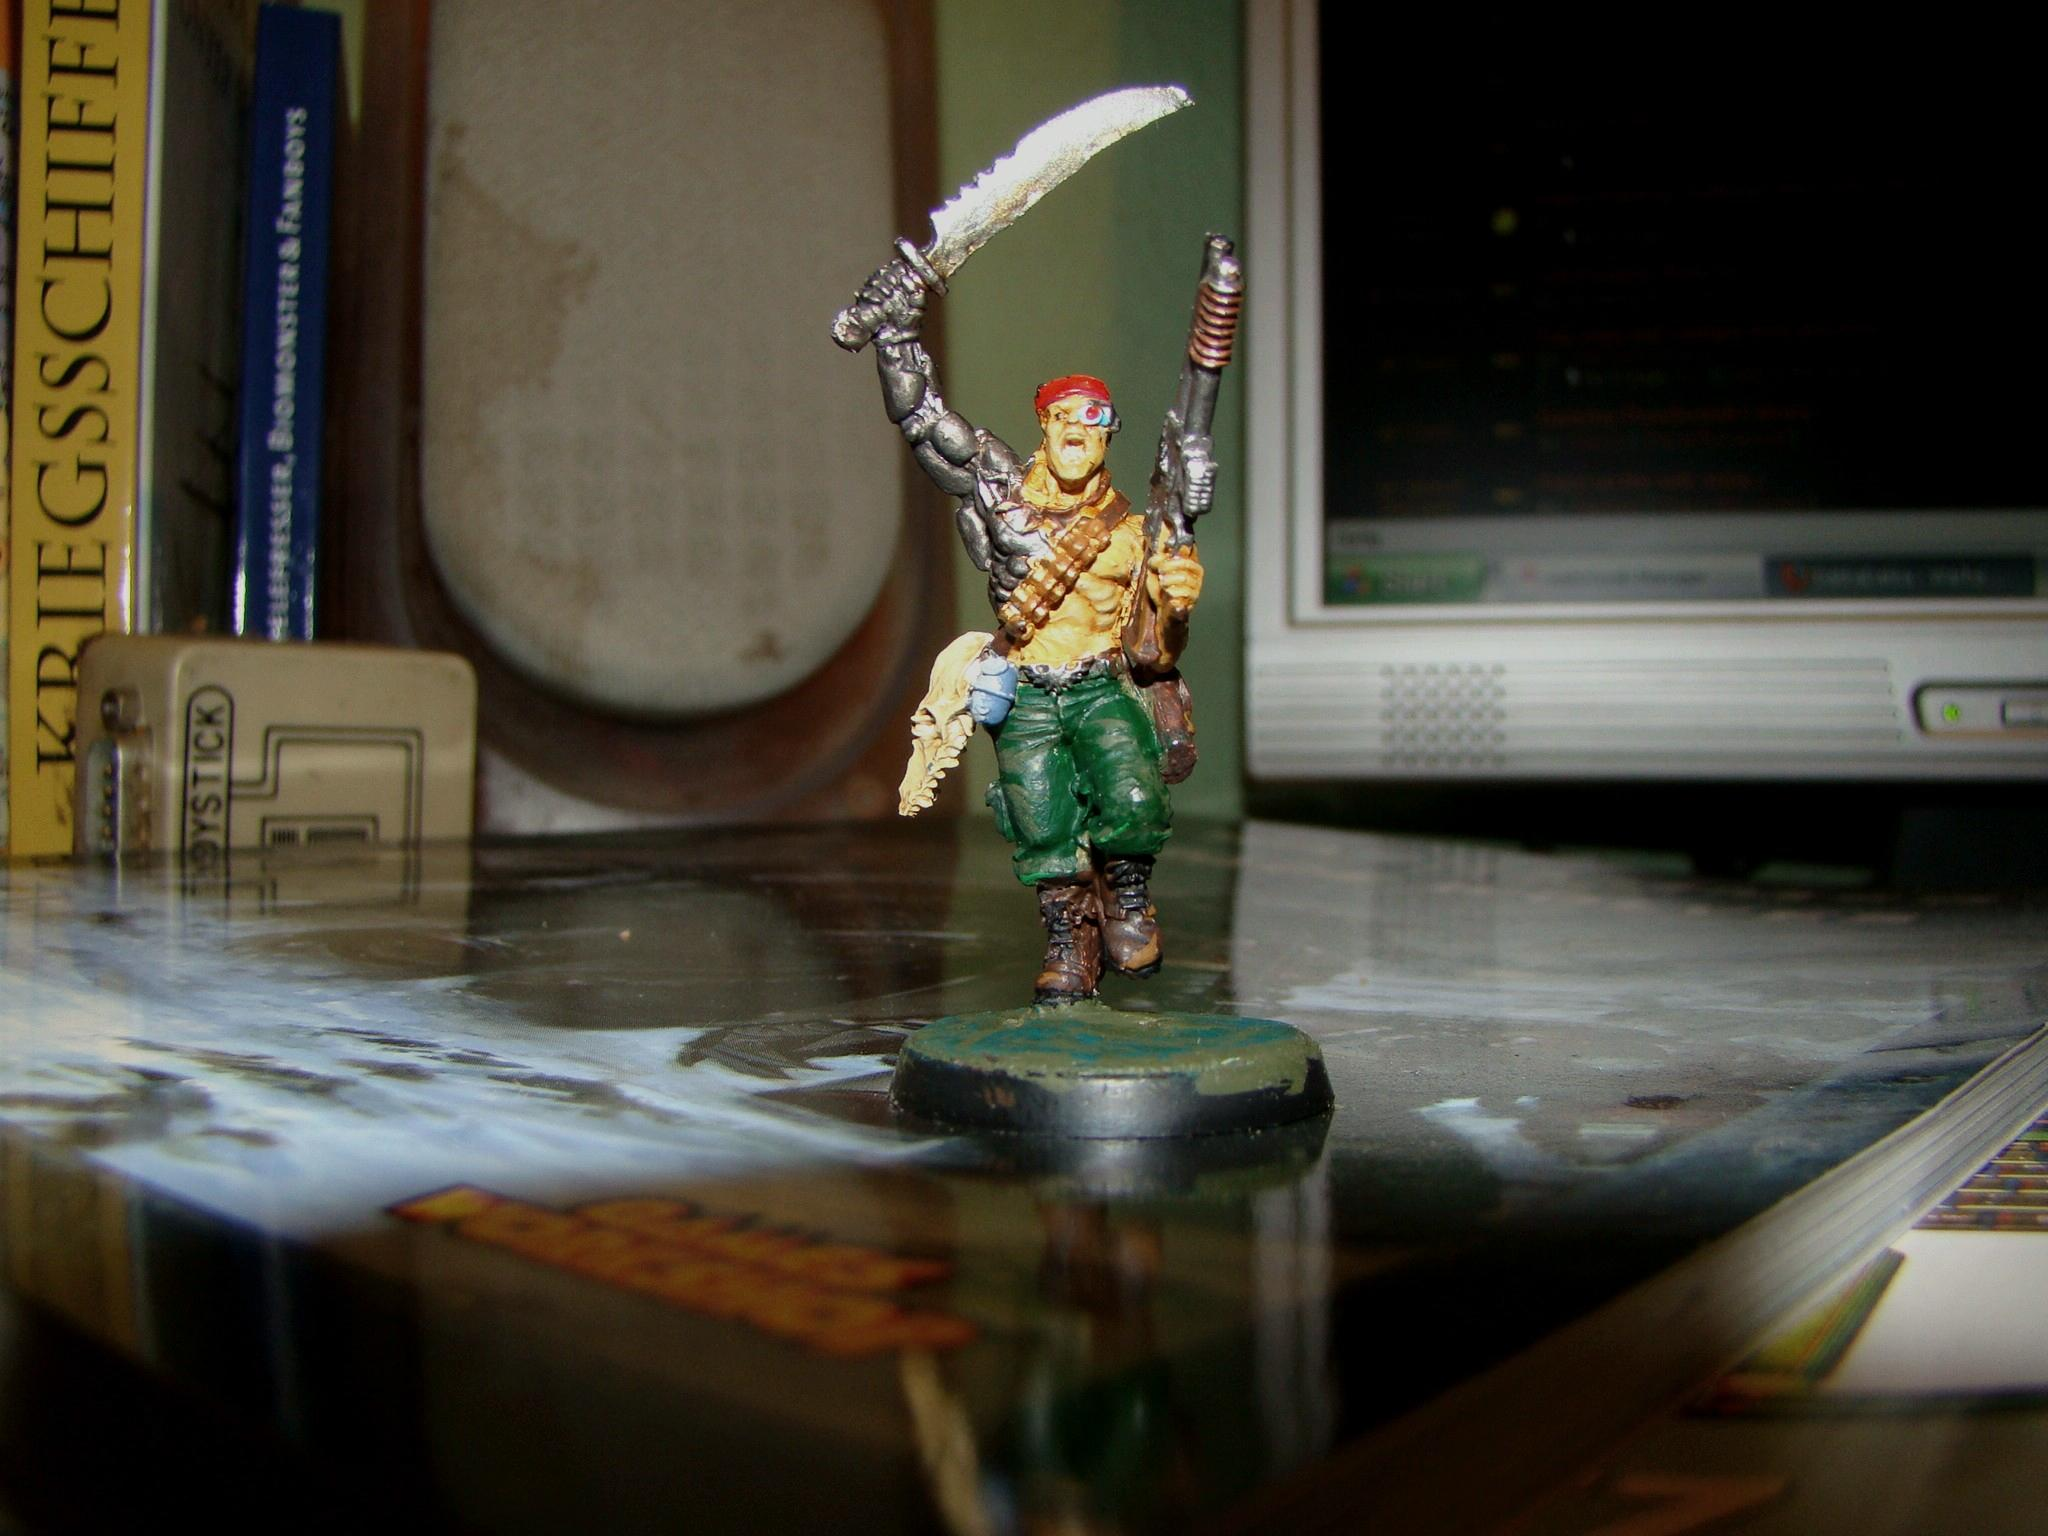 Catachan, Imperial Guard, Straken, Warhammer 40,000